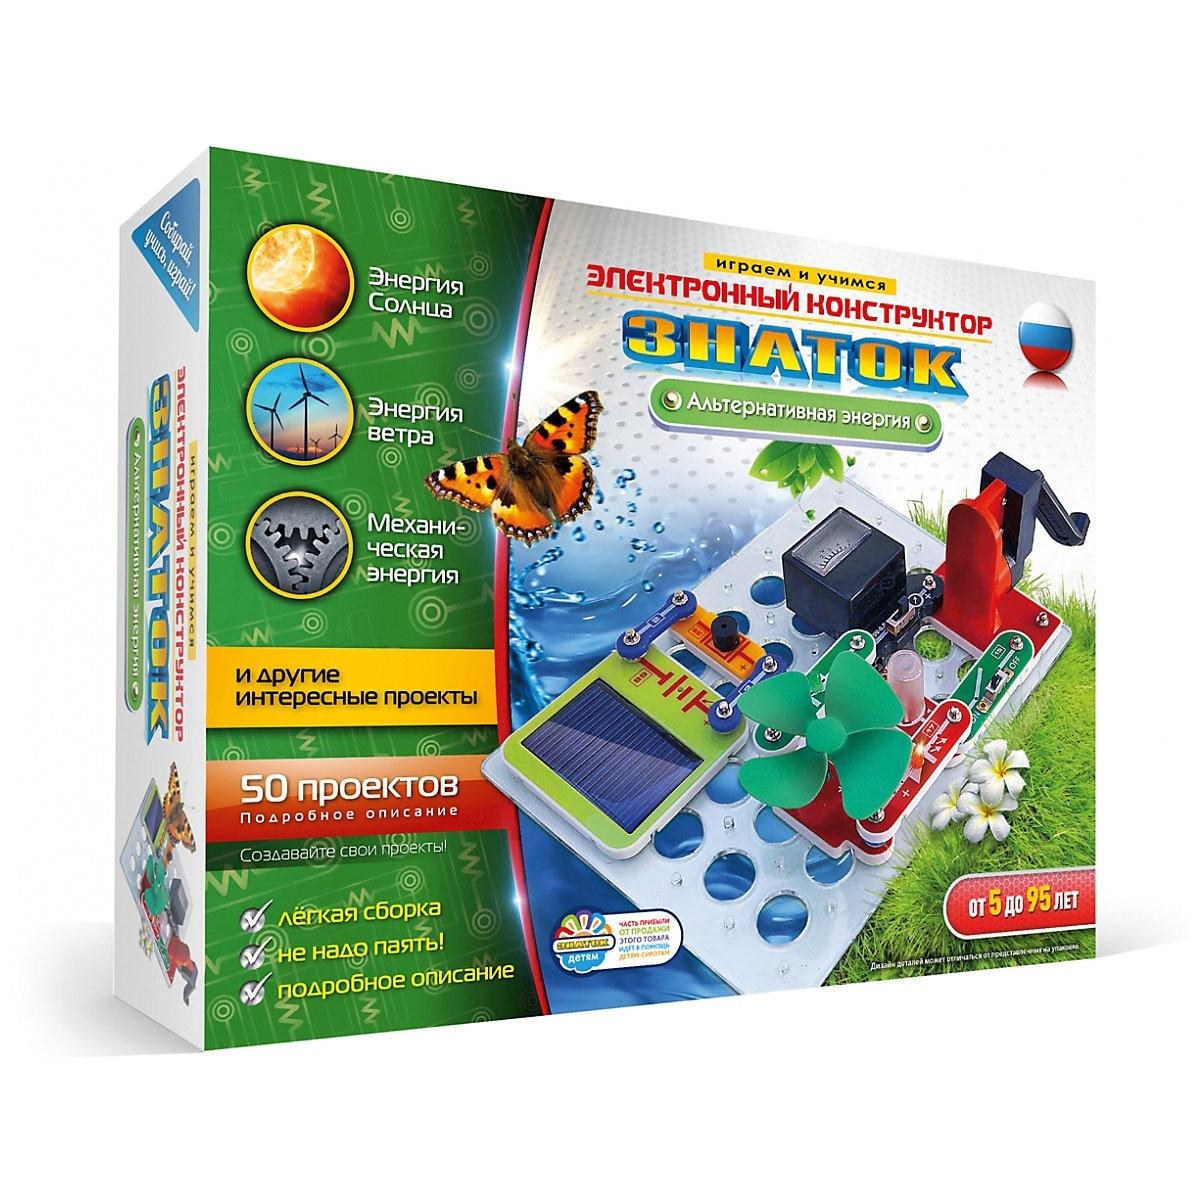 Znatok robôs accessories1 5596042 brinquedo inteligente para crianças menino menina jogar jogo brinquedos eletrônicos meninos meninas modelo pré-fabricada mtpromo